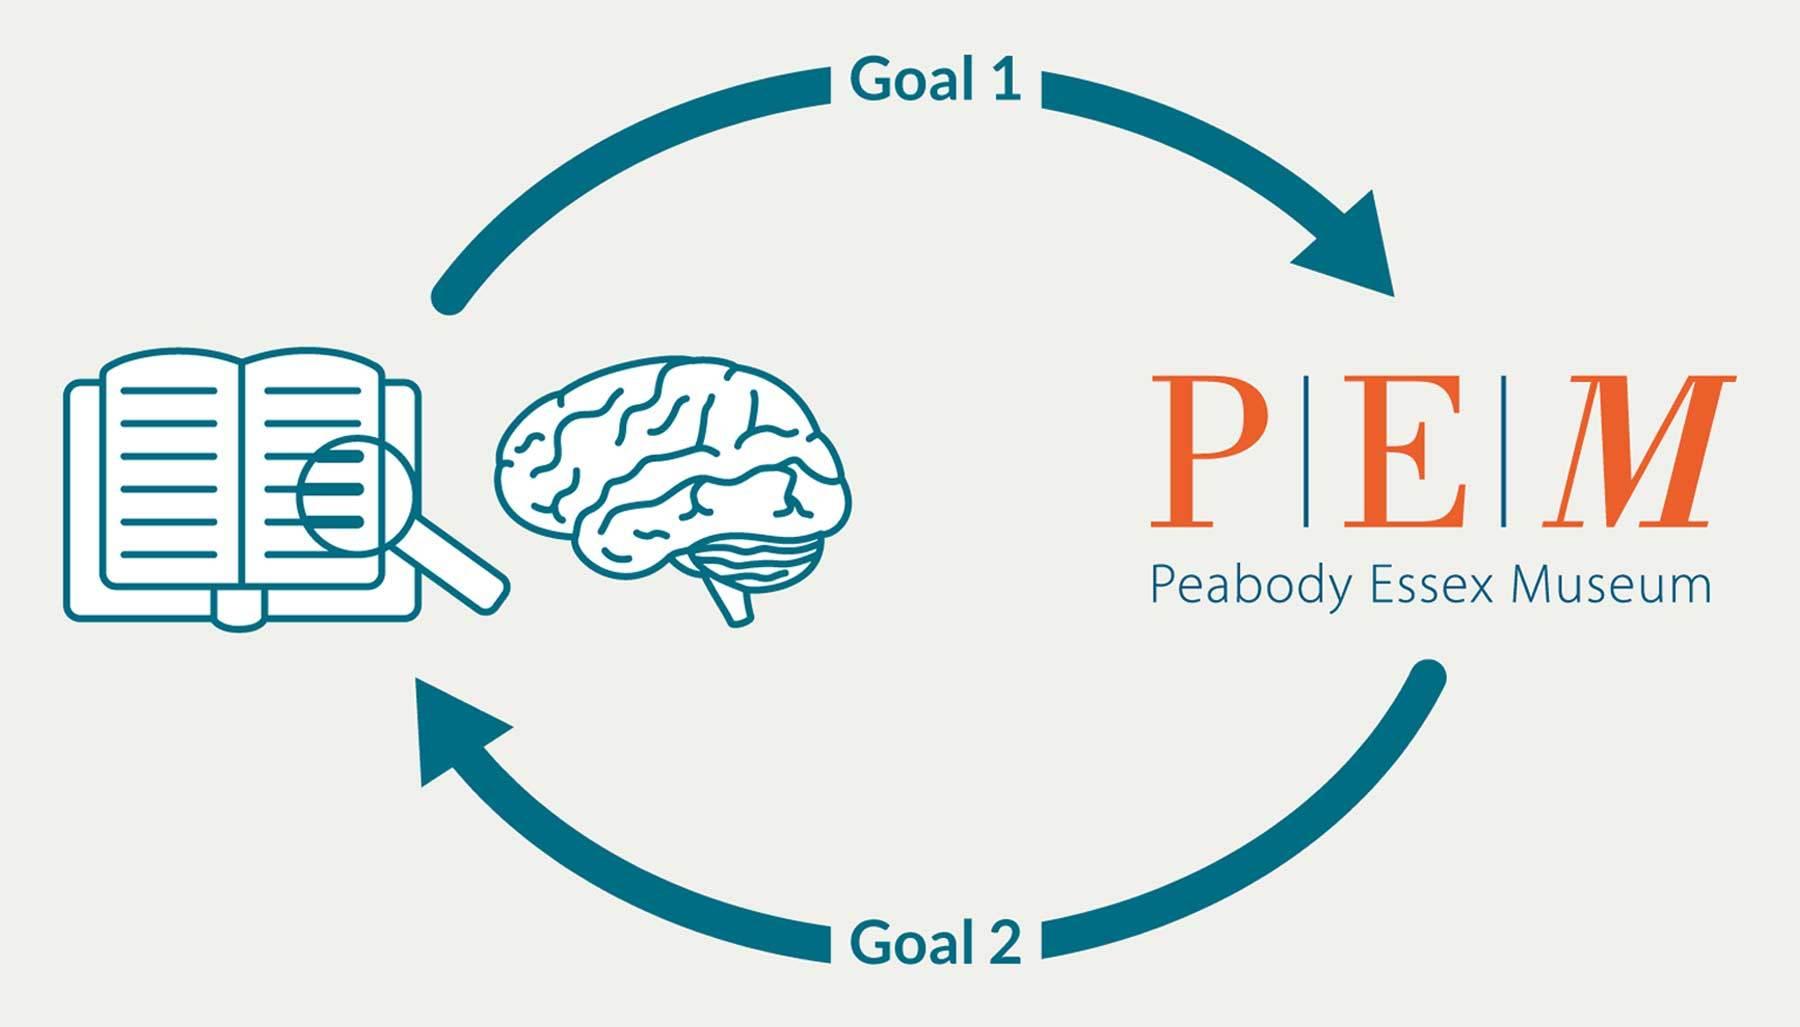 neuro_goals1a.jpg#asset:11617